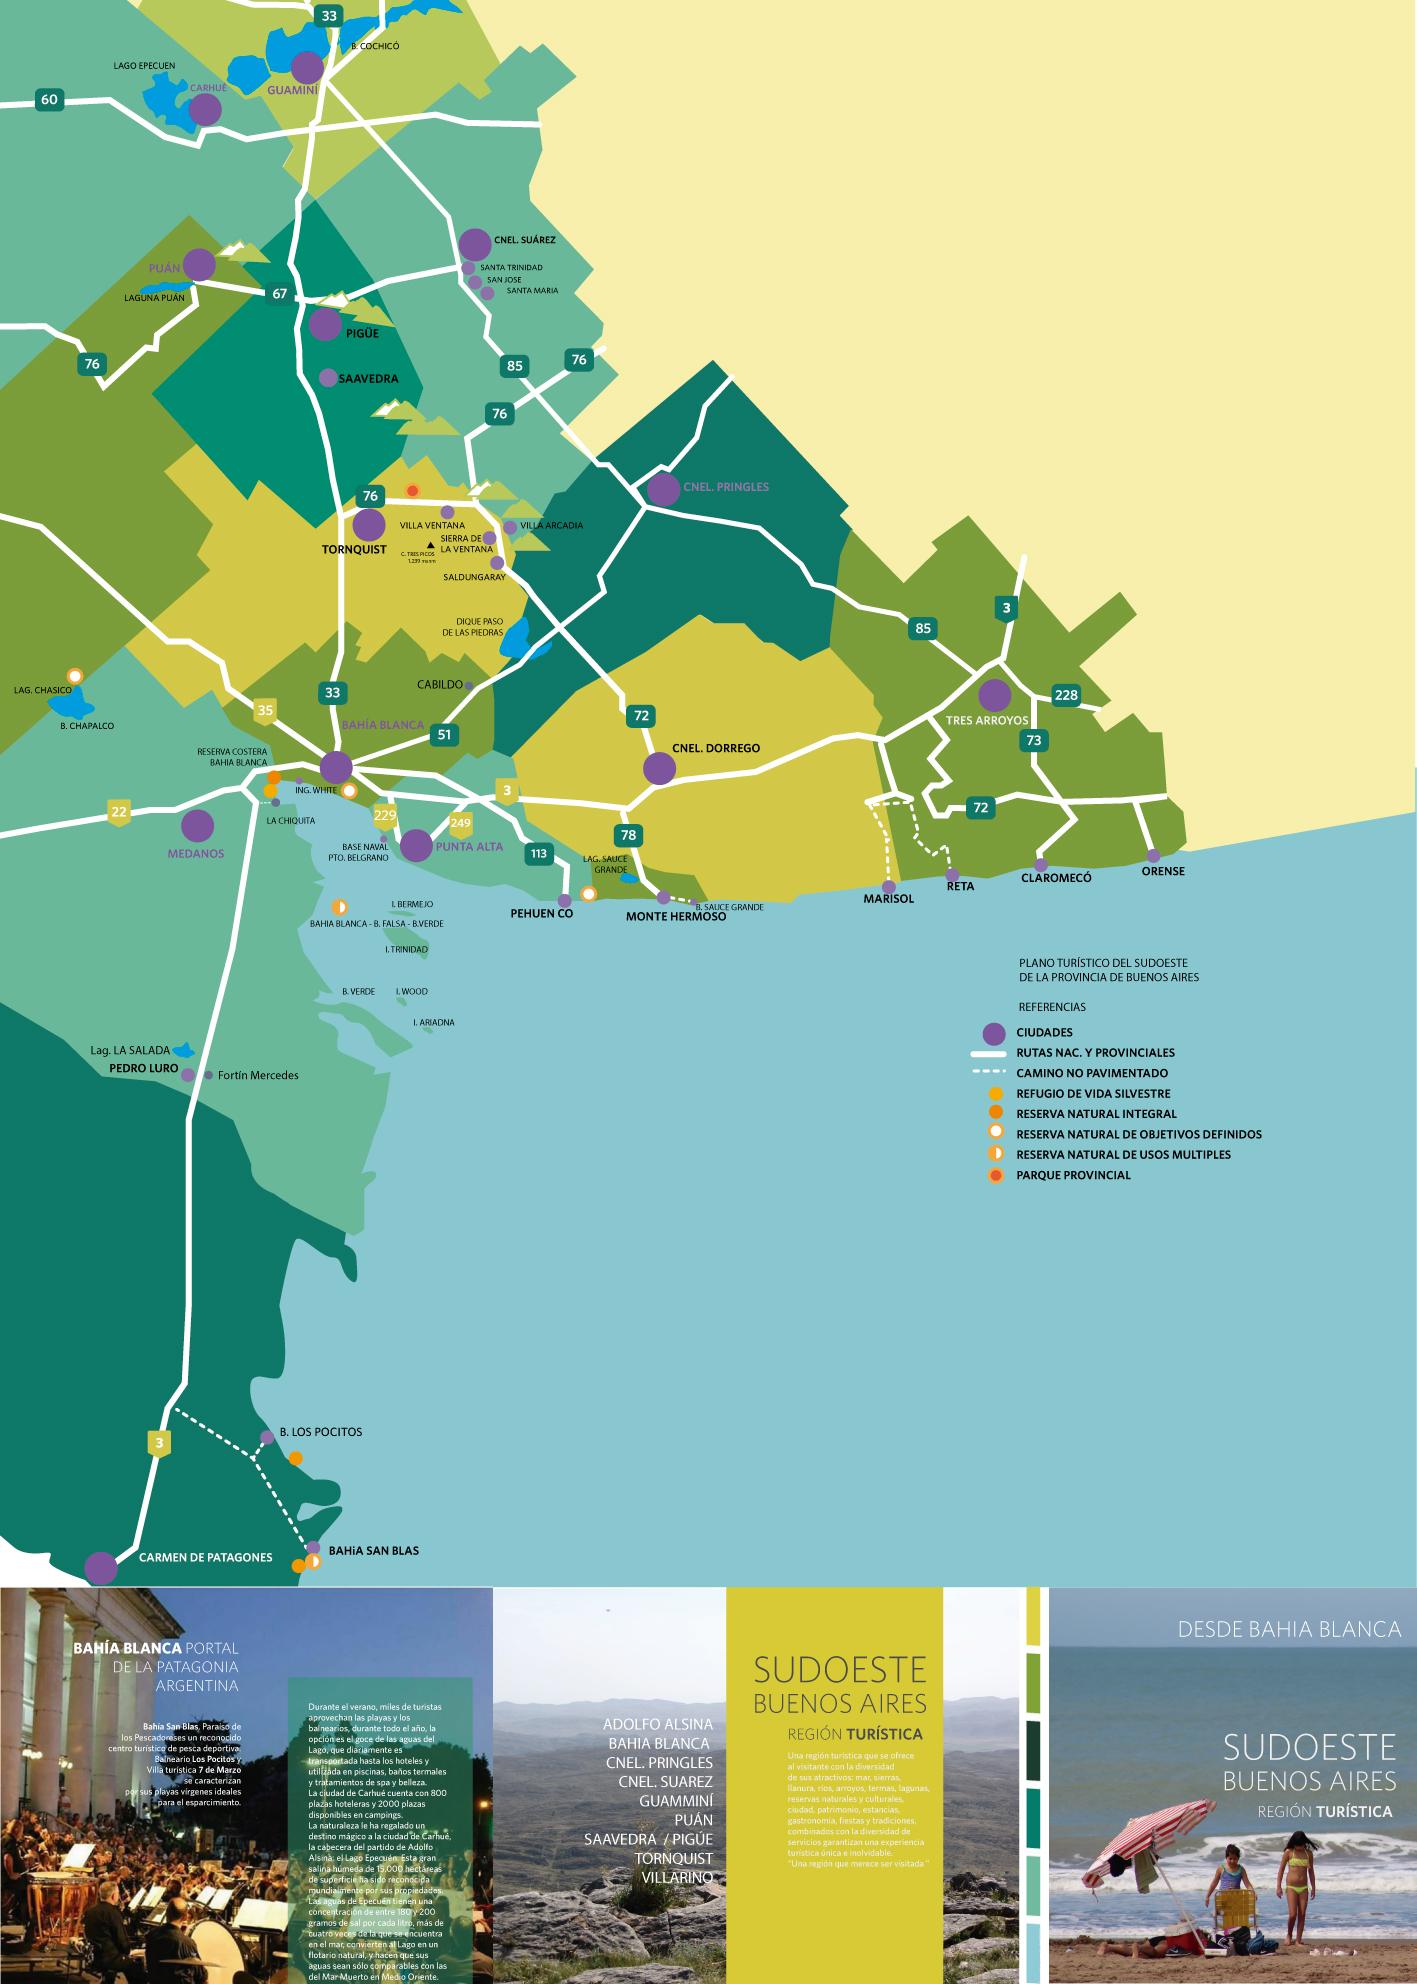 Descargas municipio de baha blanca buenos aires argentina regin sudoeste mapa thecheapjerseys Image collections